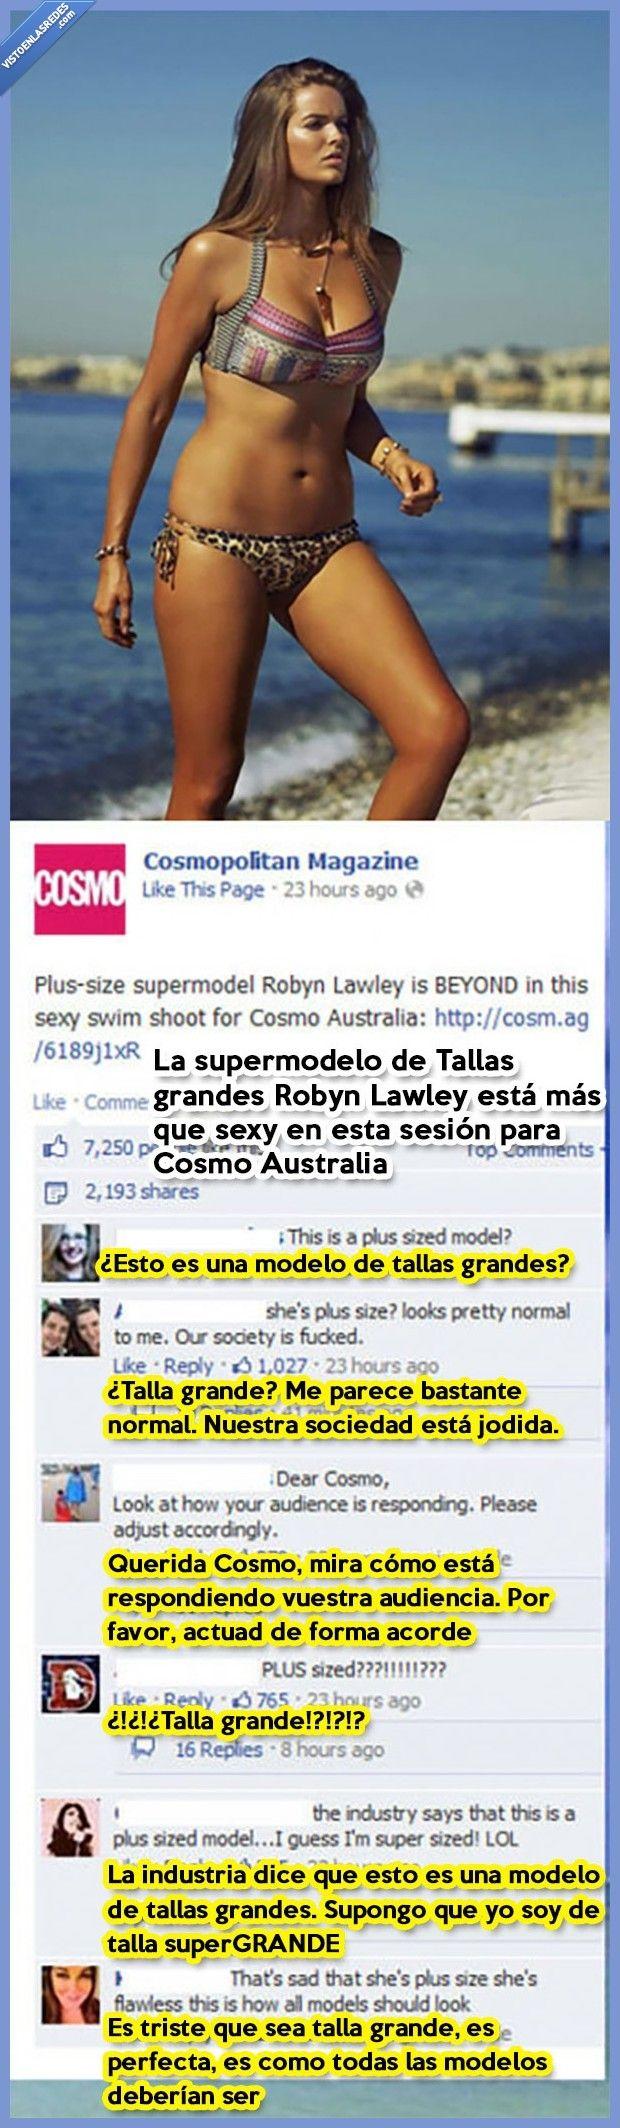 VEF_445972_facebook_enloquece_para_cosmpolitan_esta_modelo_es_de_tallas_grandes.jpg (620×2128)